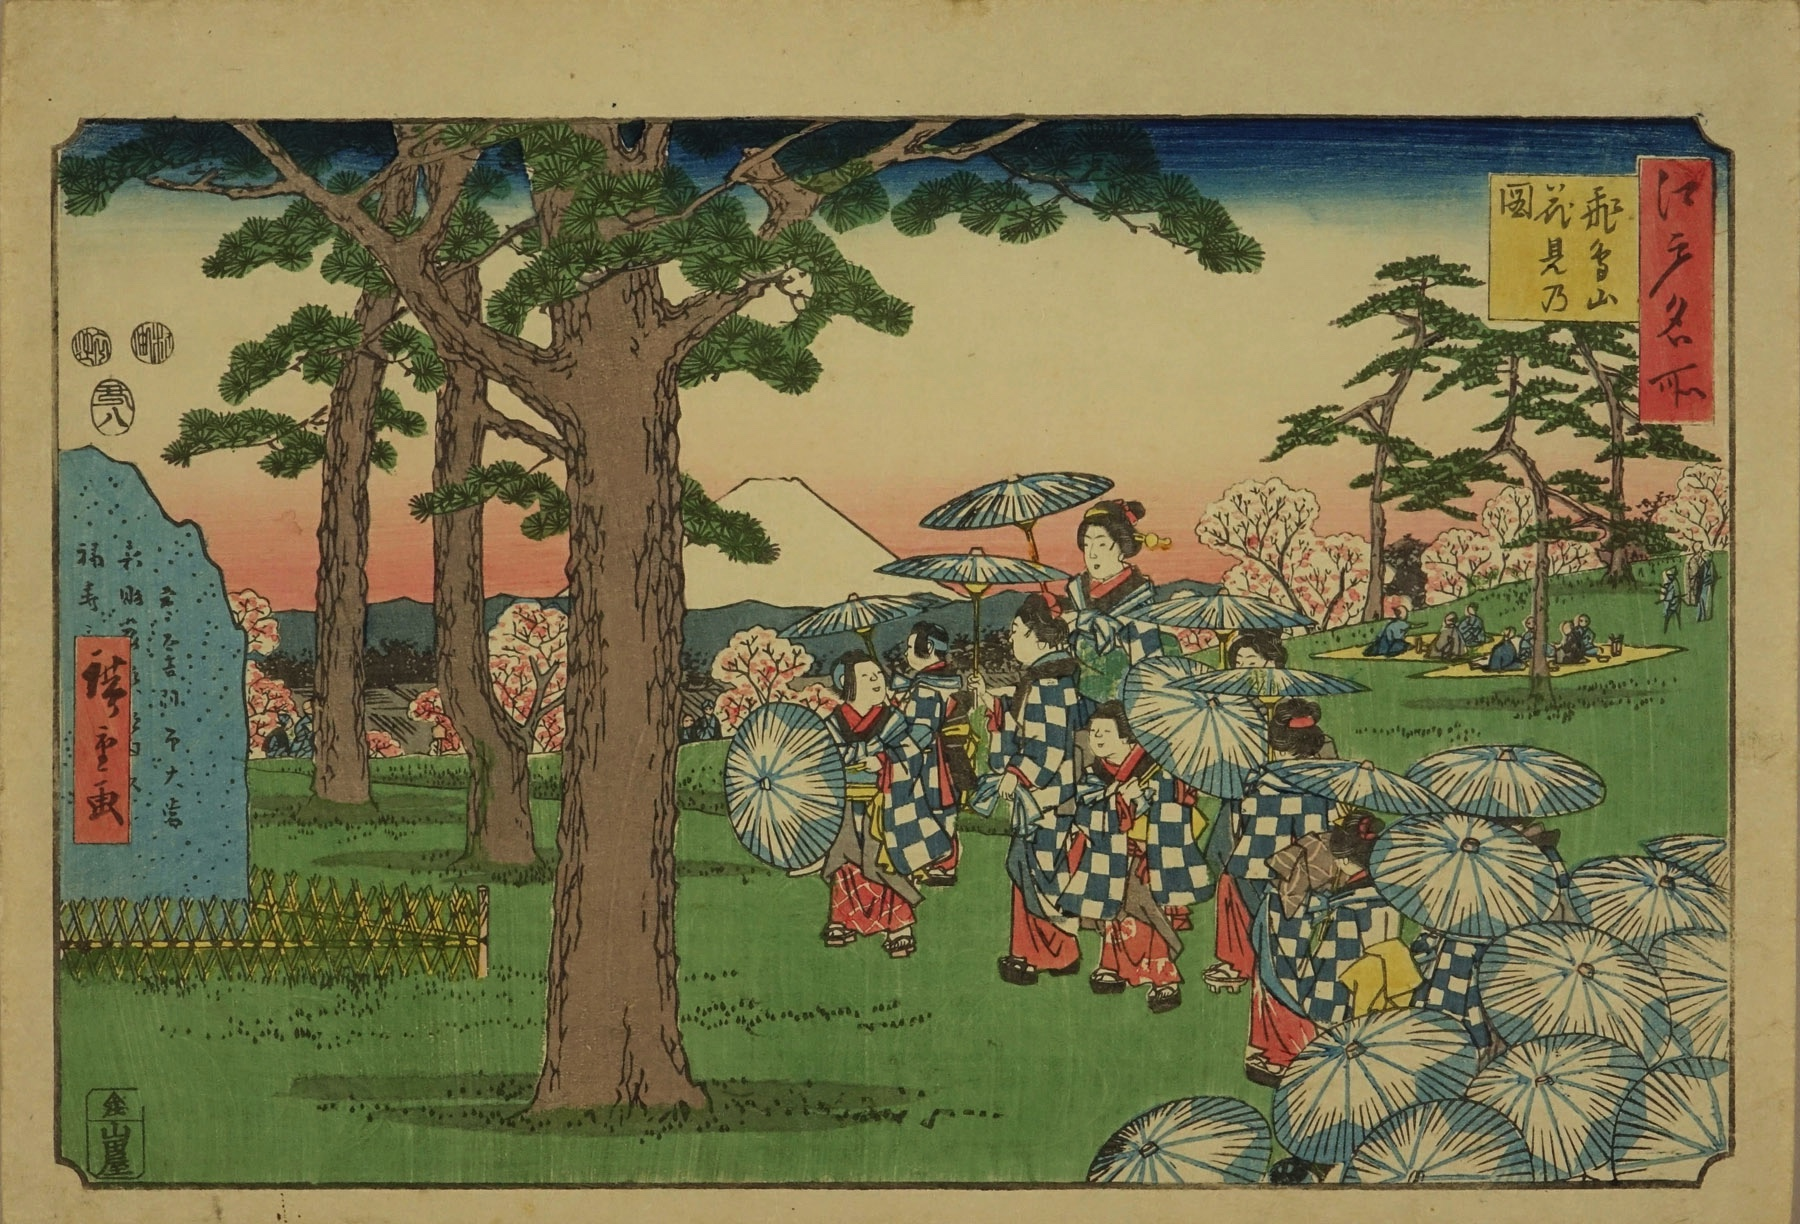 HIROSHIGE Cherry blossom viewing at Asukayama, from <i>Edo meisho</i> (Famous places of Edo)